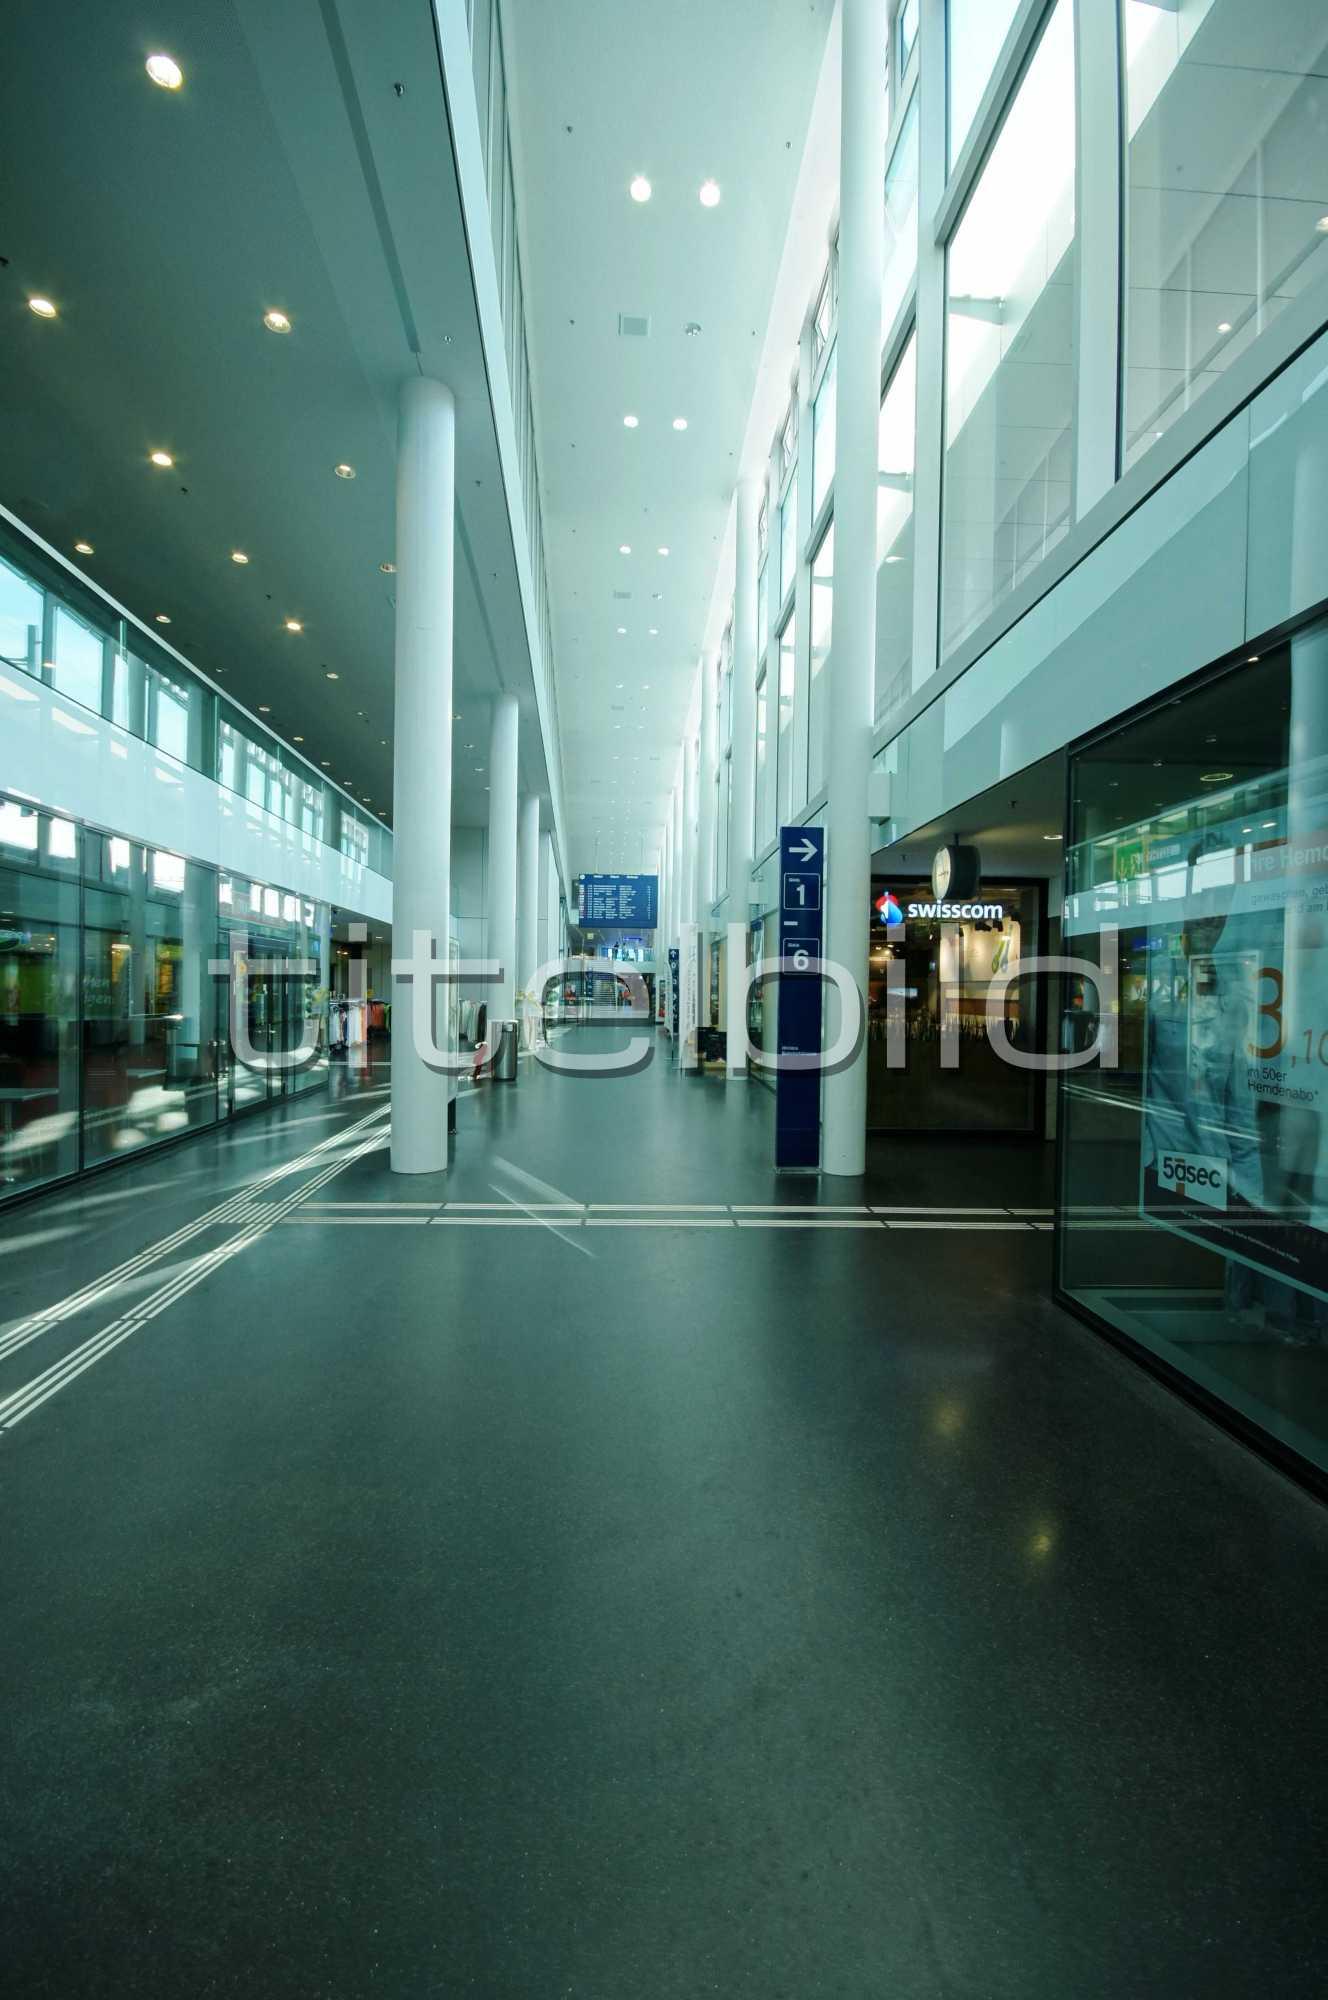 Projektbild-Nr. 7: Umbau Bahnhof Aarau